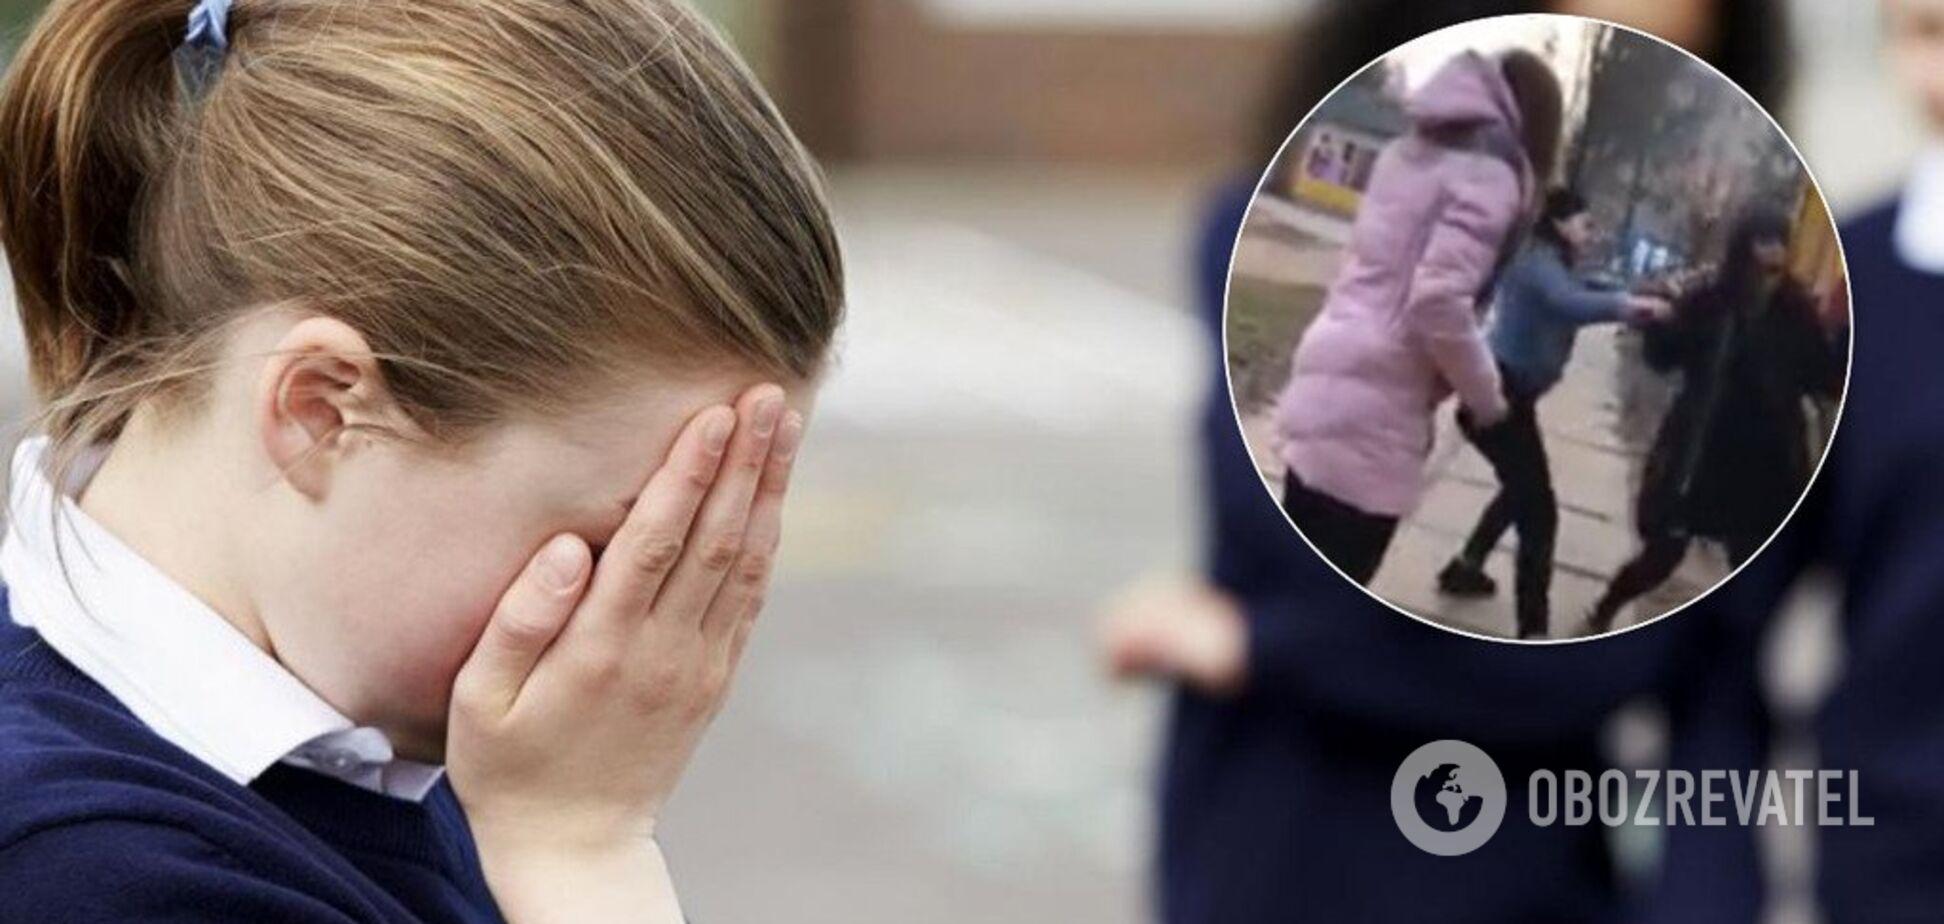 'Чтоб знала, как рот открывать!' В Киеве подростки зверски избили школьницу. Видео 18+